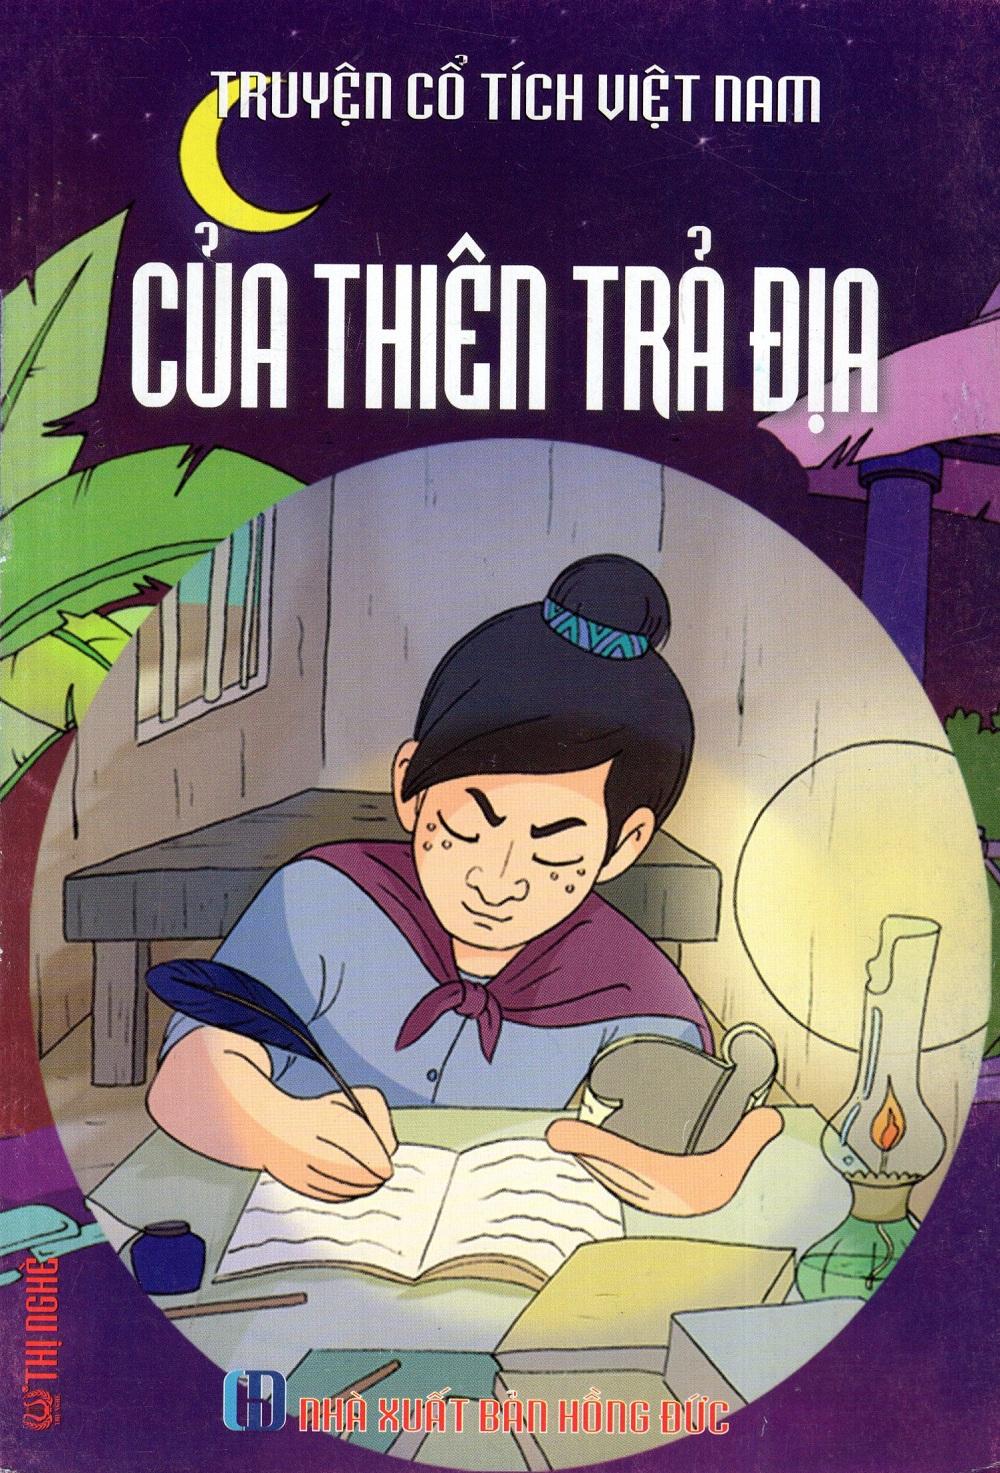 Truyện Cổ Tích Việt Nam - Của Thiên Trả Địa